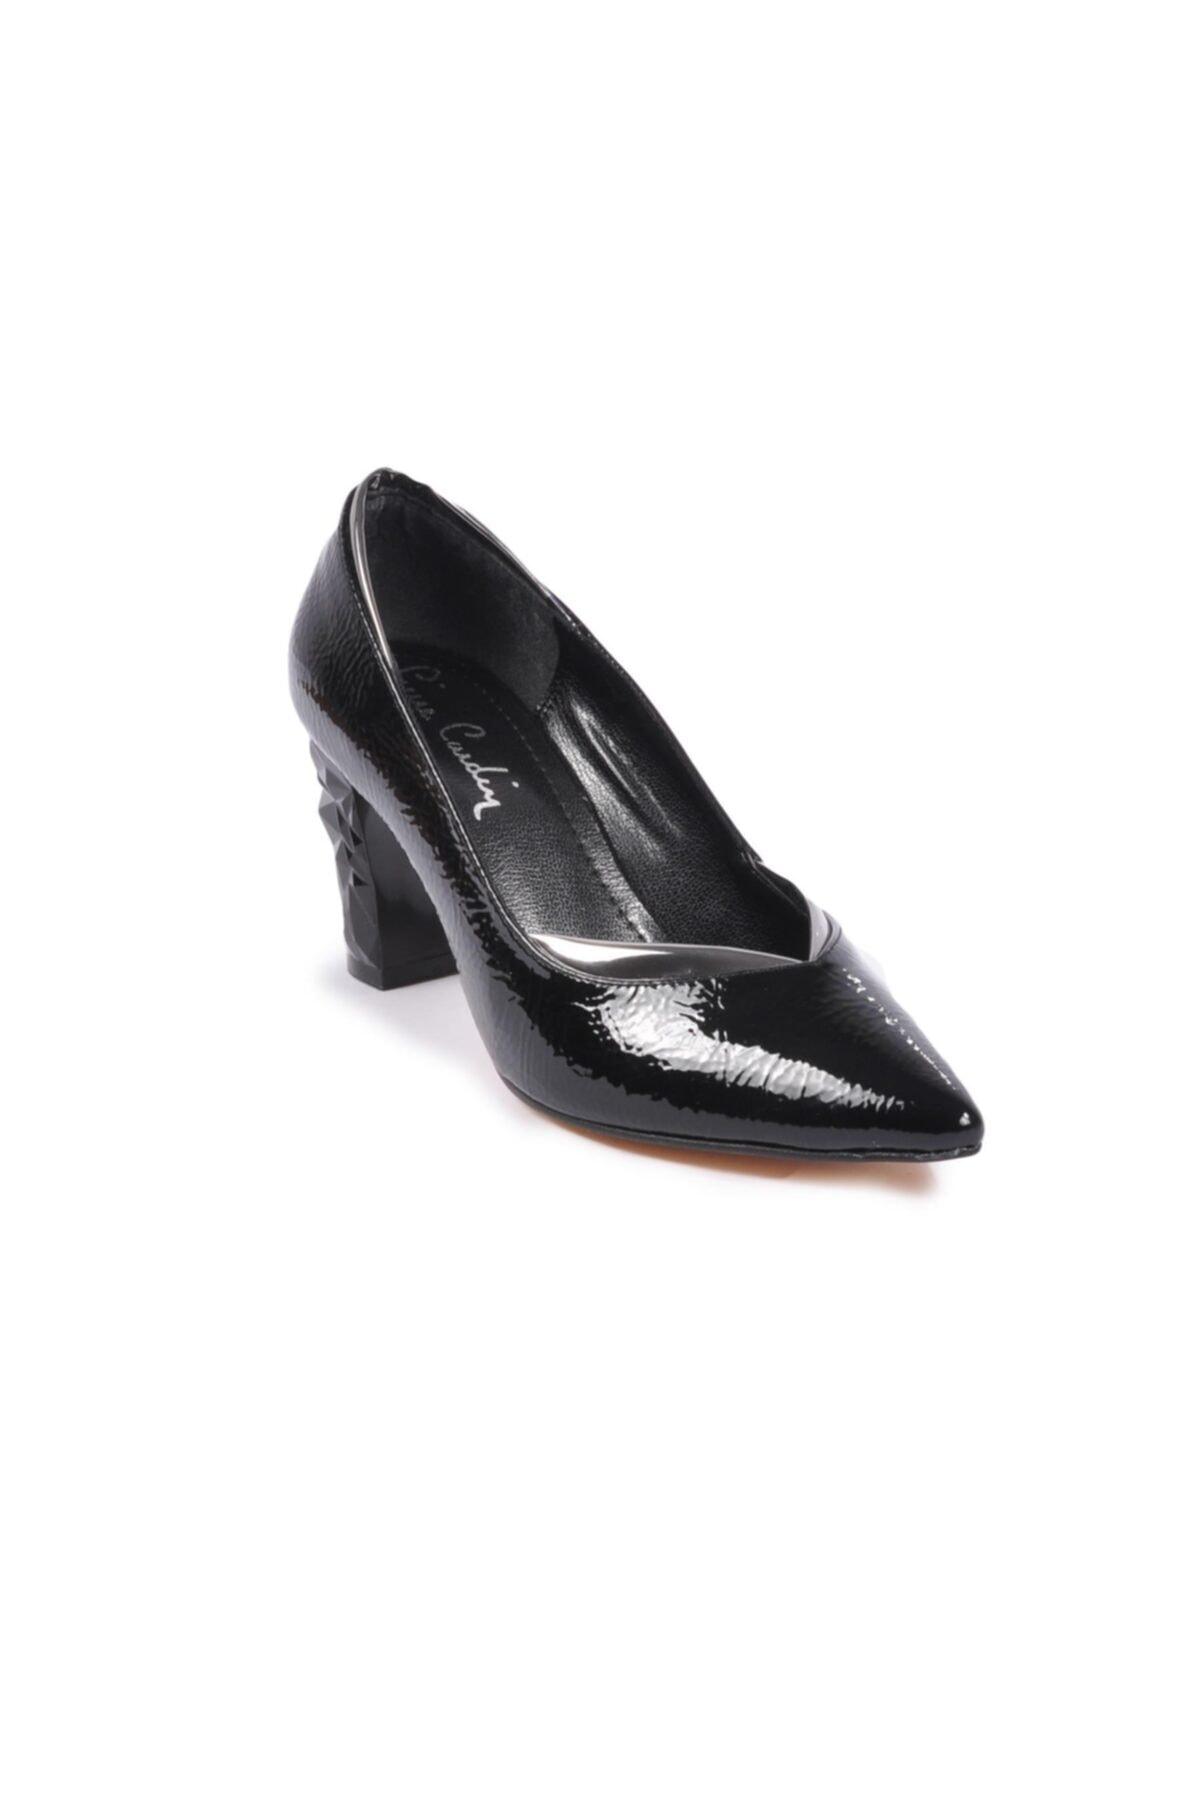 Pierre Cardin Kadın Siyah Rugan Topuklu Ayakkabı